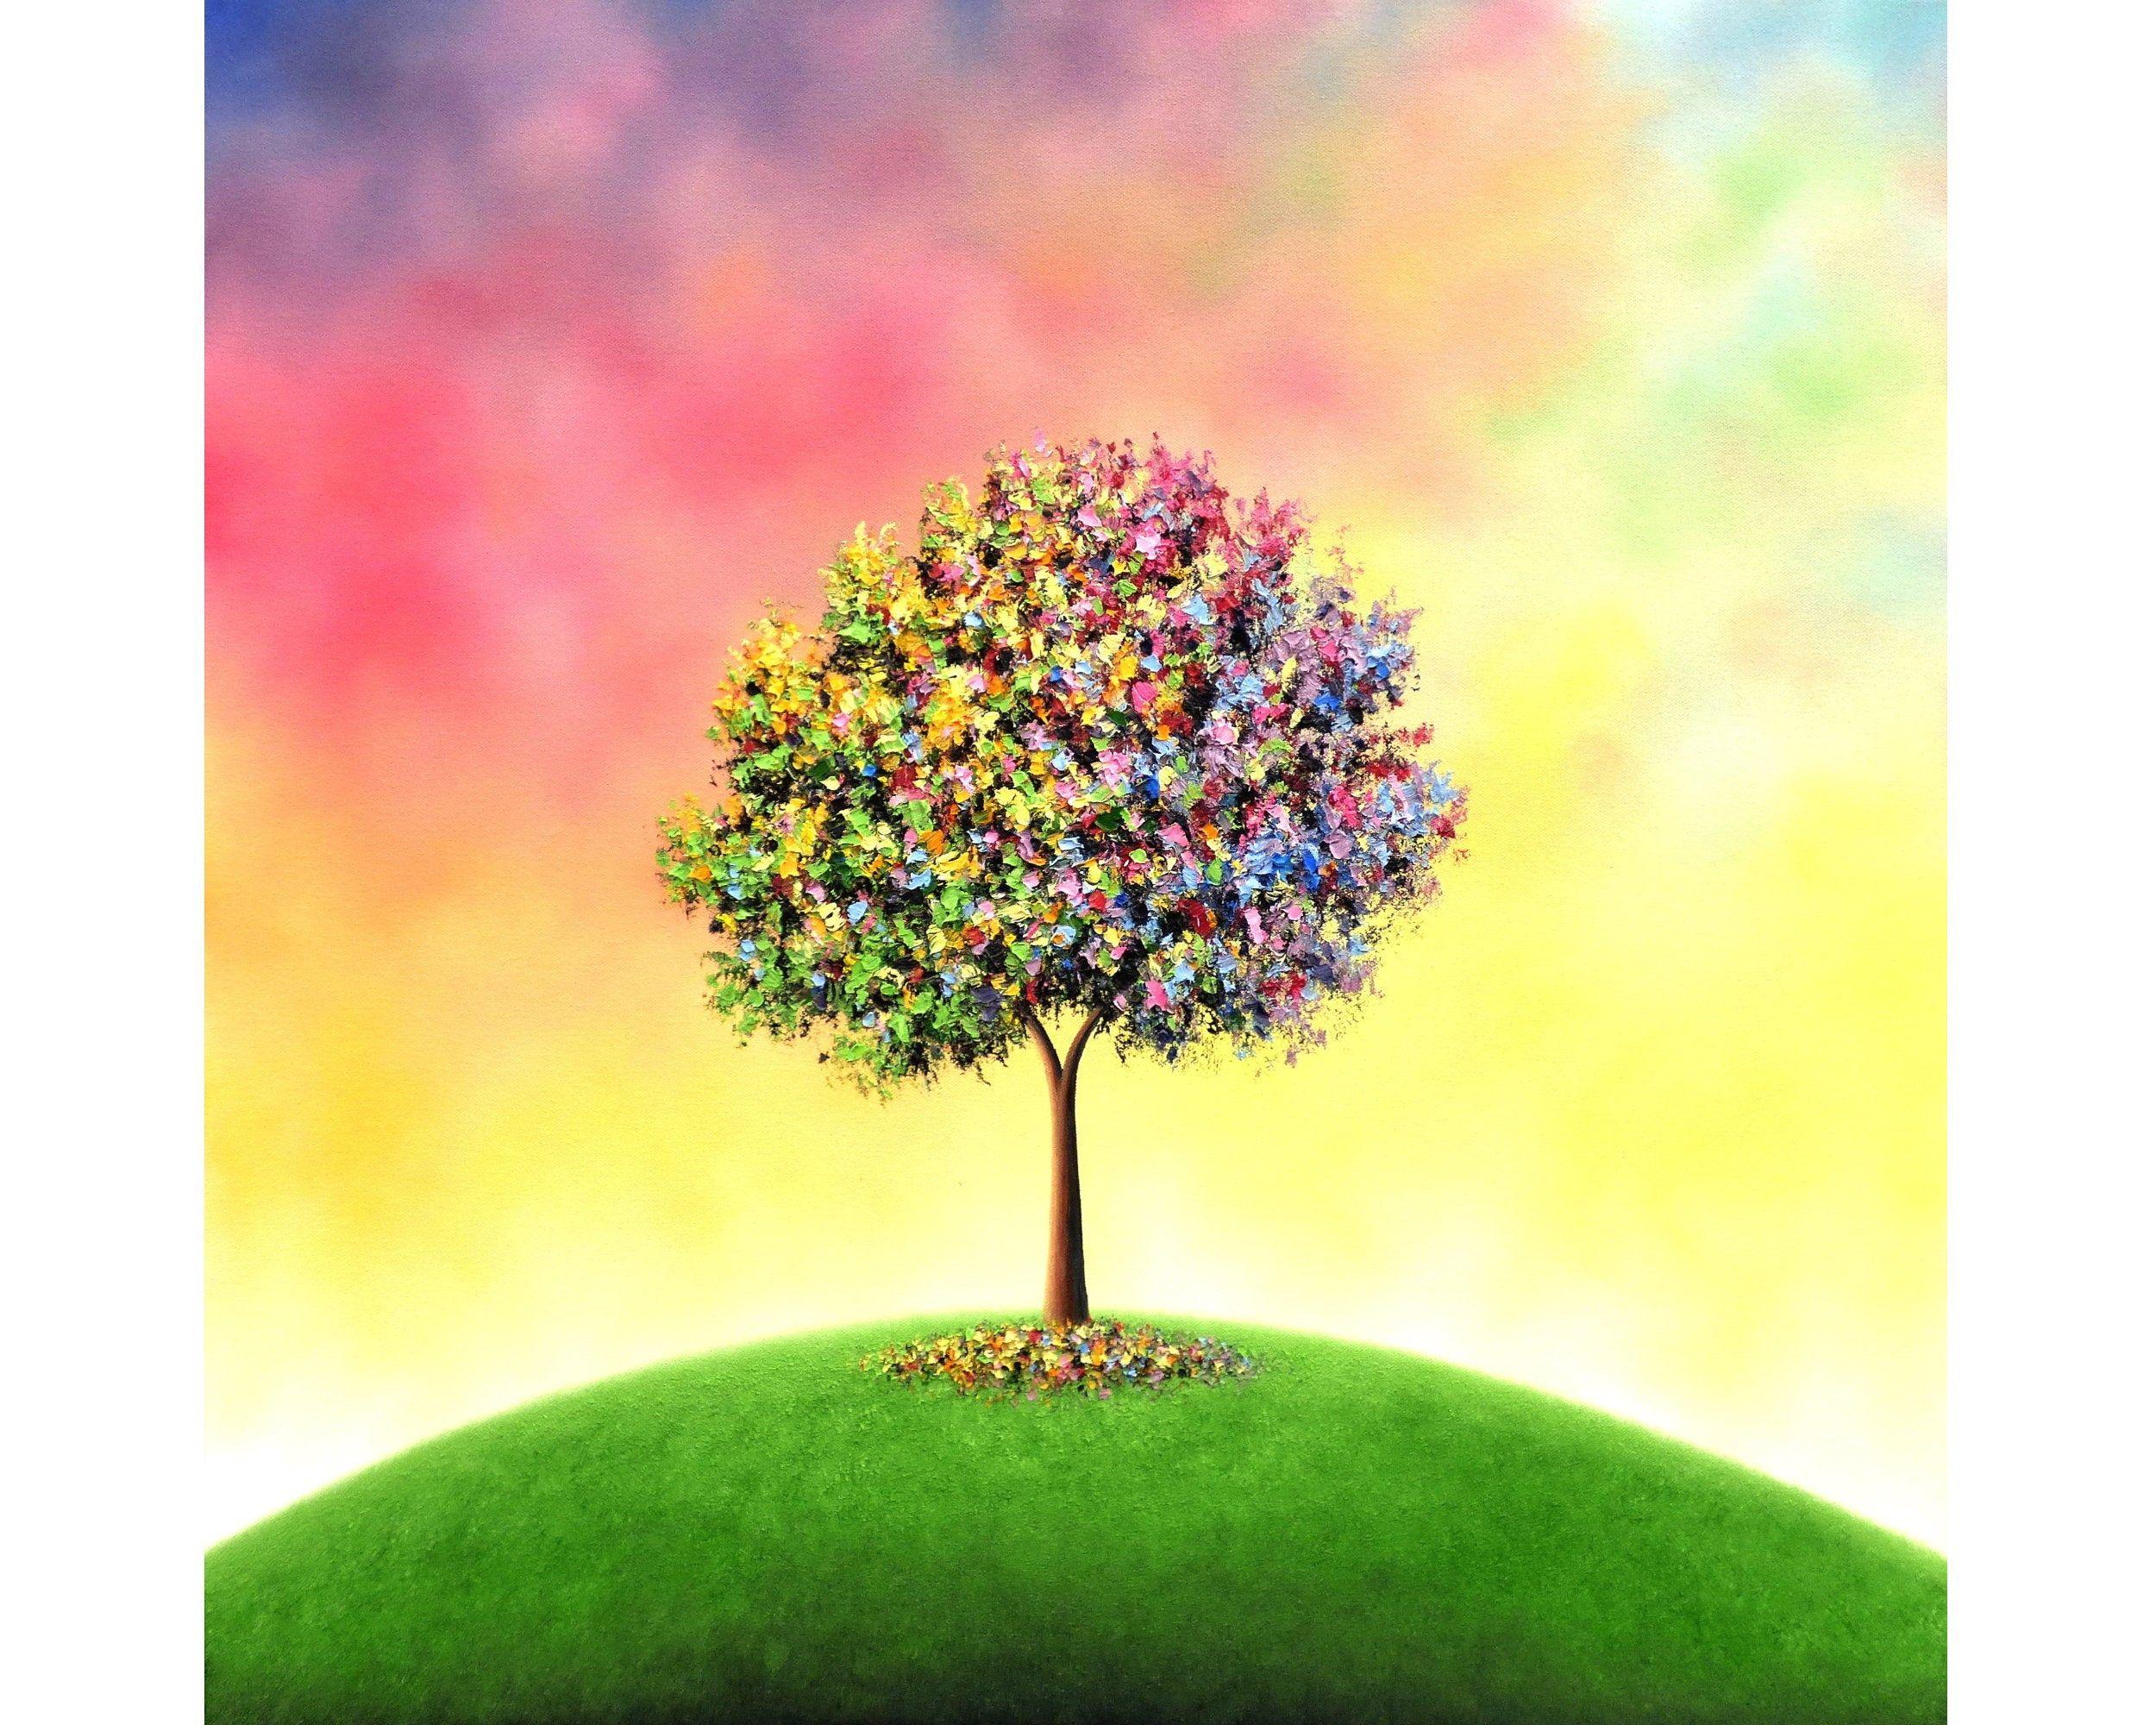 Rainbow Tree Painting Whimsical Tree Art Textured Original Oil